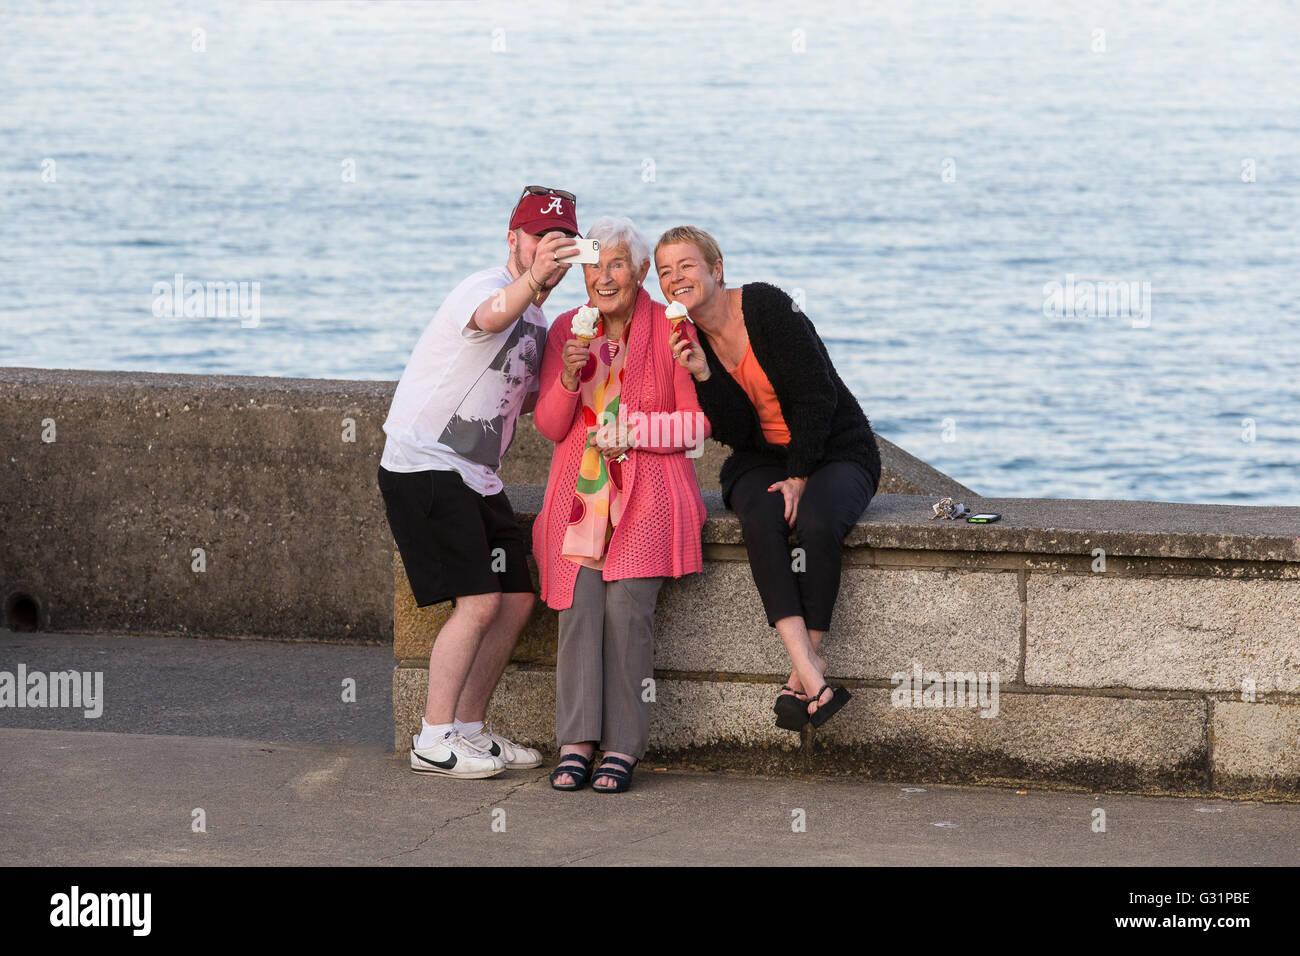 3 drei Personen Gruppe Selfie Fotos Mann Männer Frau uk Stockbild